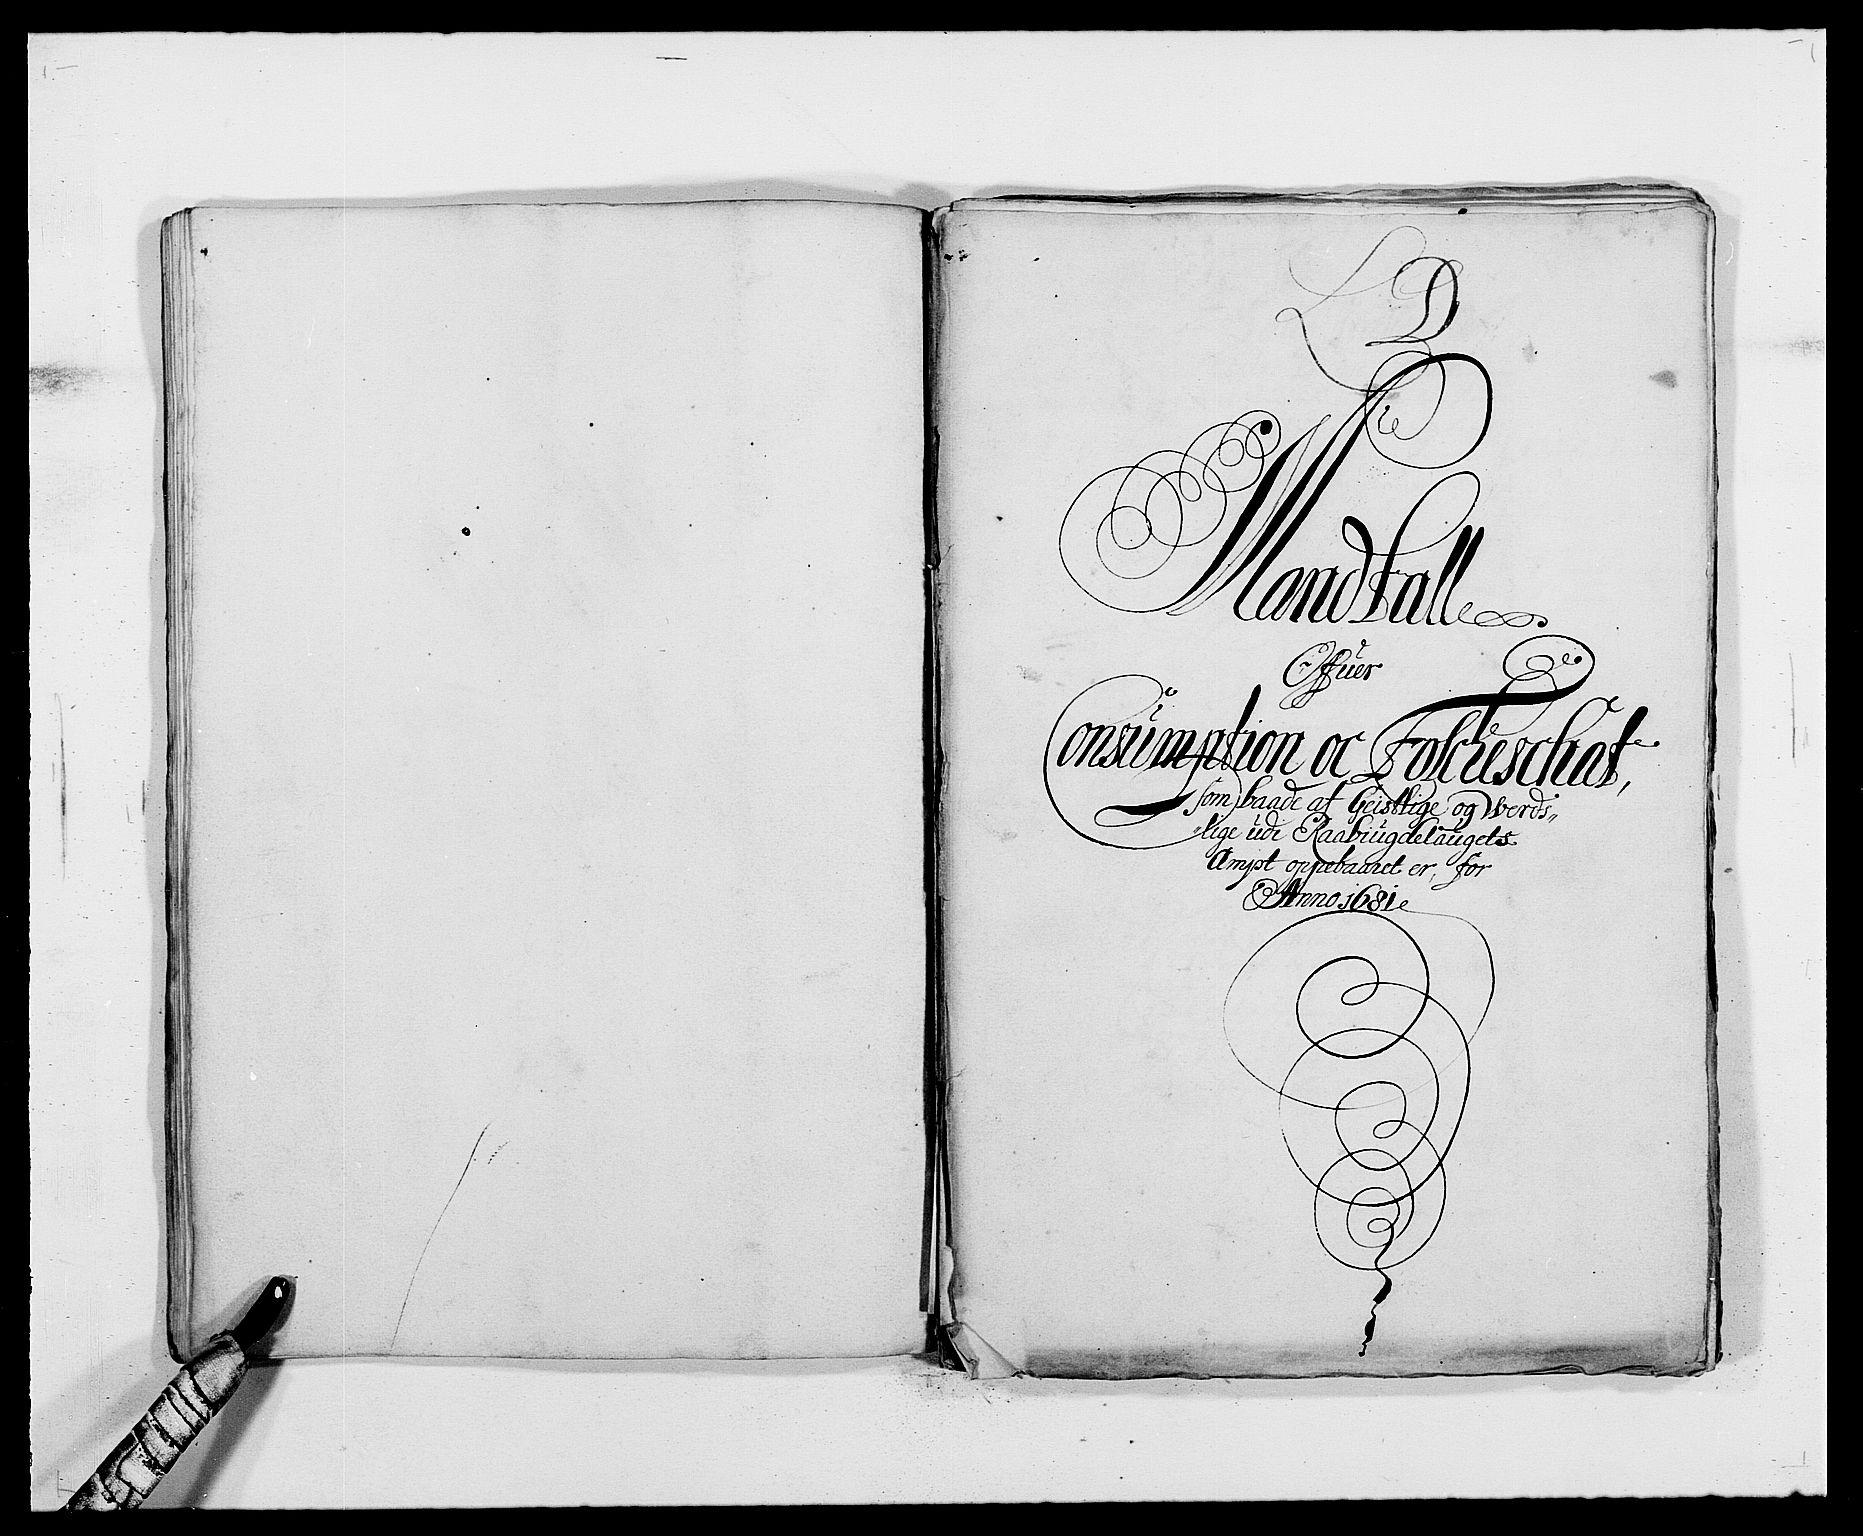 RA, Rentekammeret inntil 1814, Reviderte regnskaper, Fogderegnskap, R40/L2437: Fogderegnskap Råbyggelag, 1681, s. 53